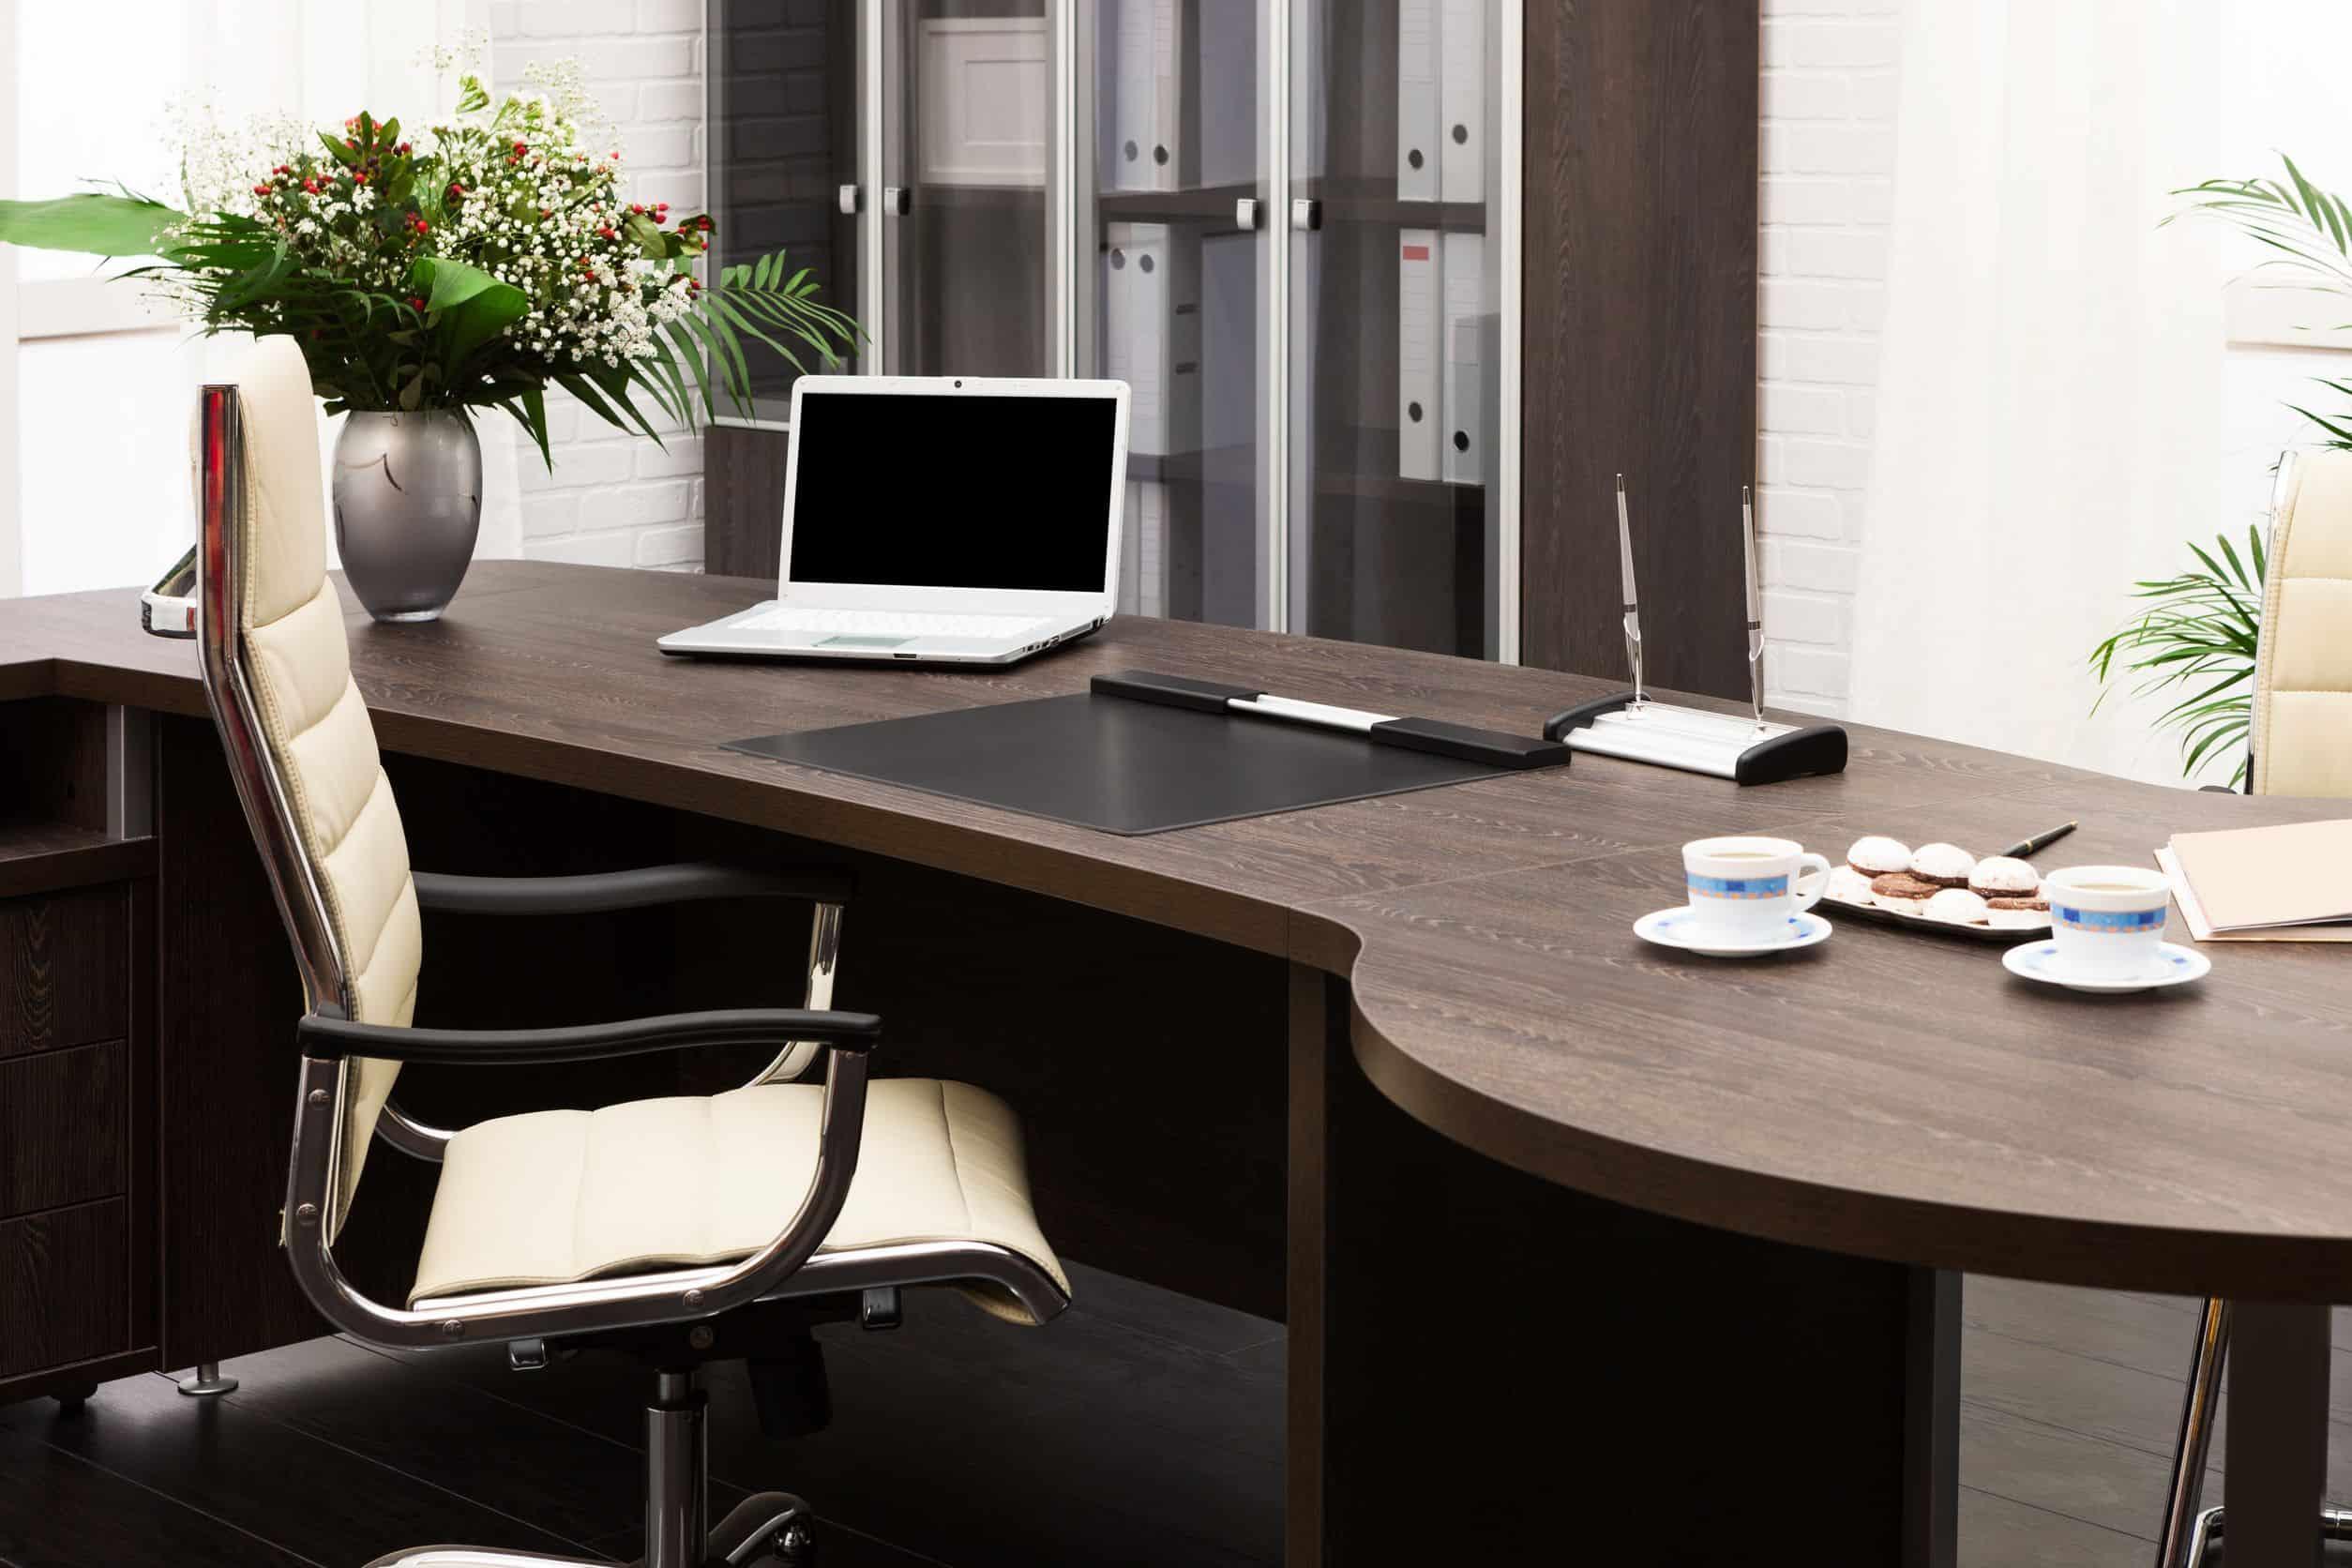 Silla de escritorio: ¿Cuál es la mejor del 2021?